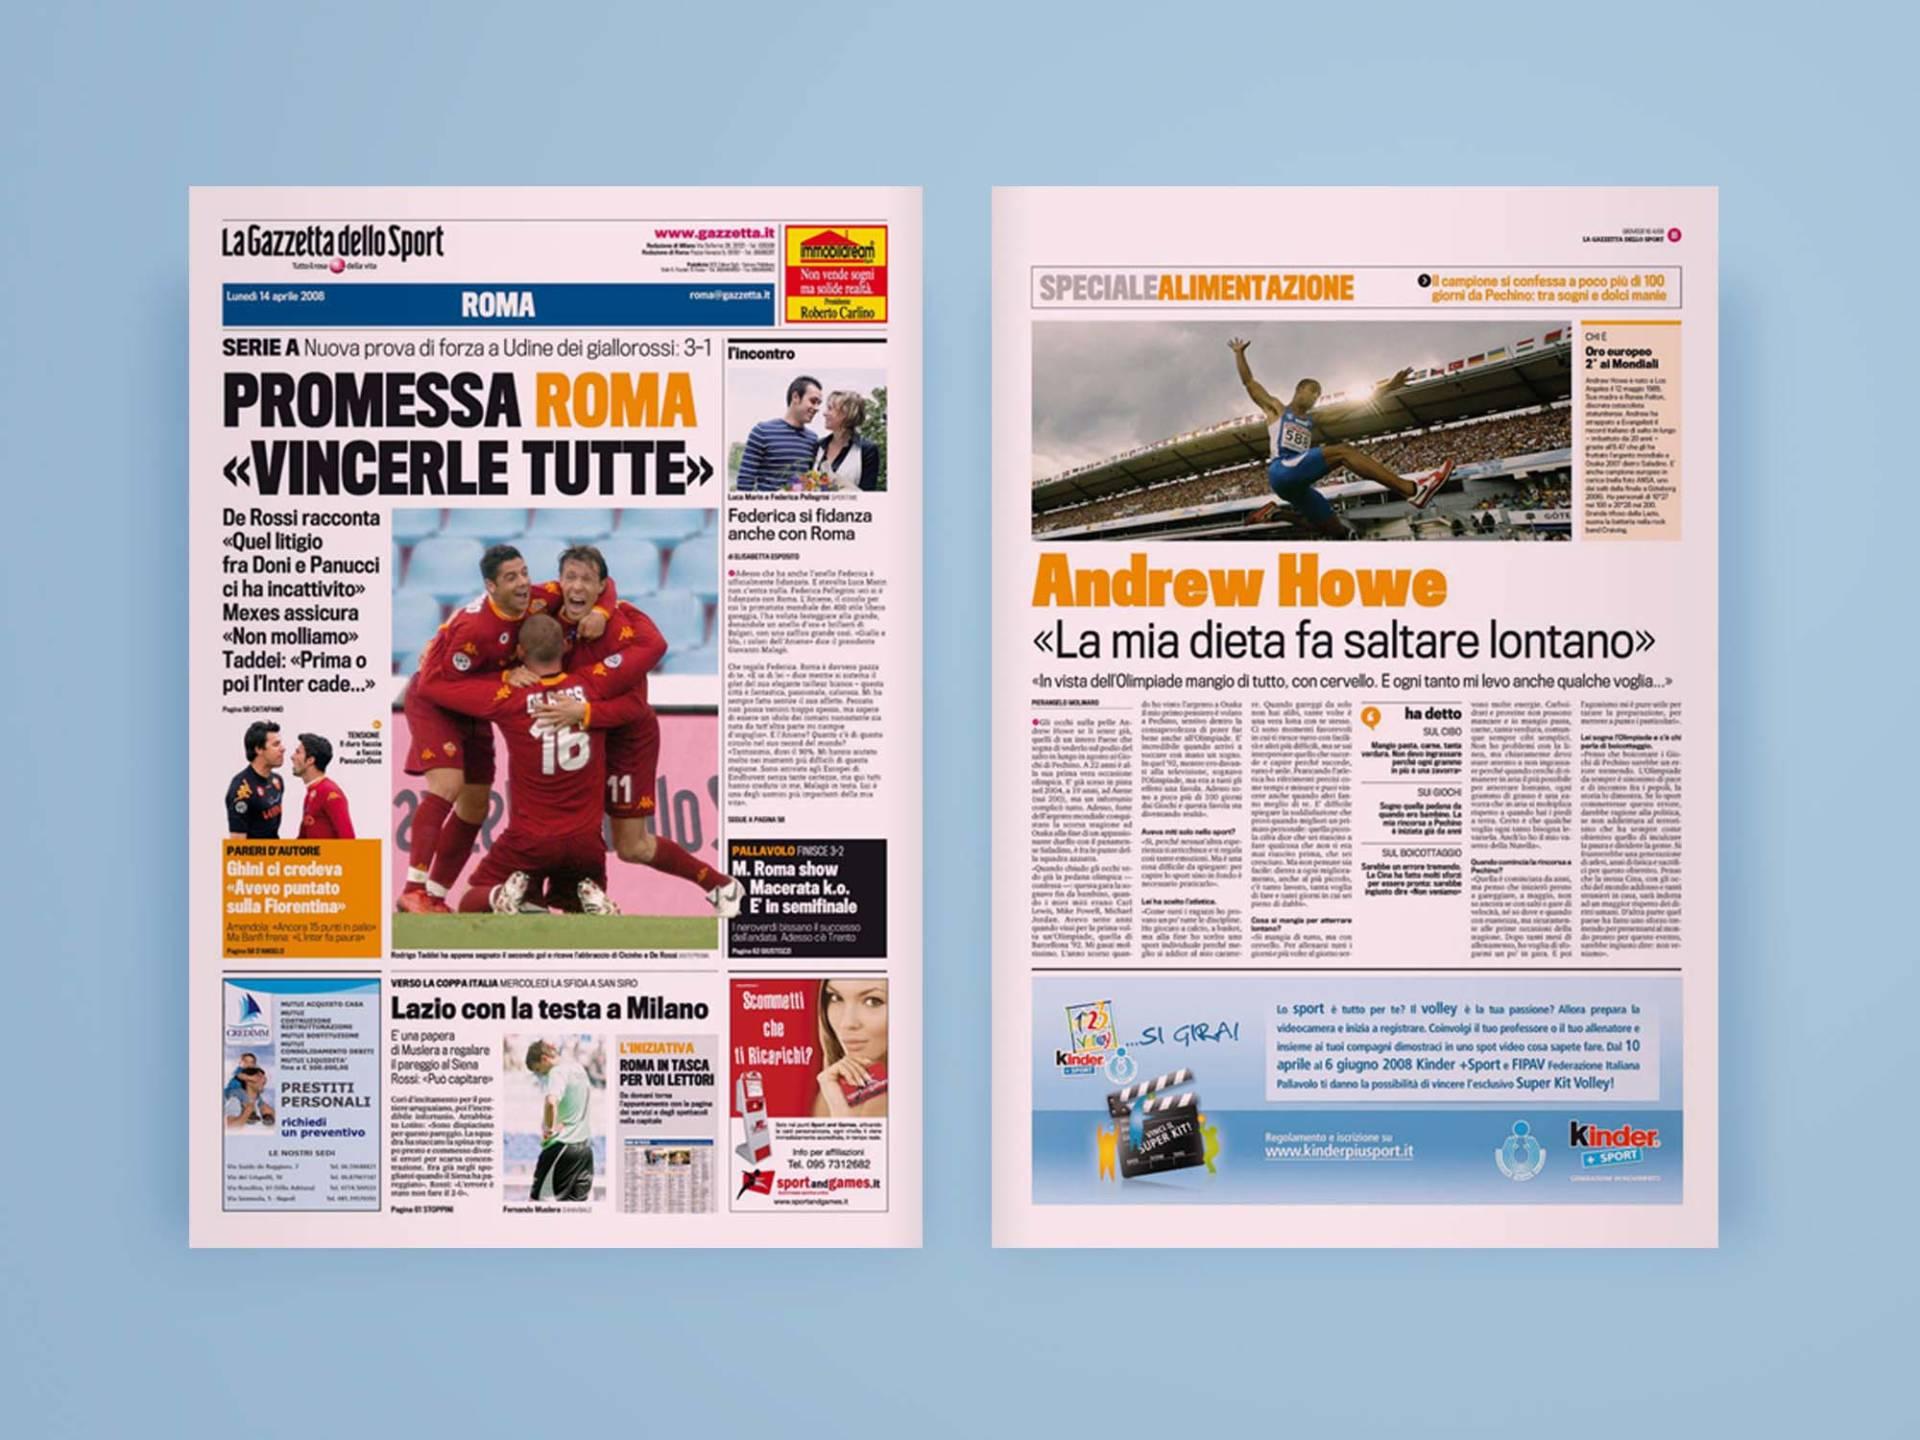 La_Gazzetta_Dello_Sport_10_Wenceslau_News_Design